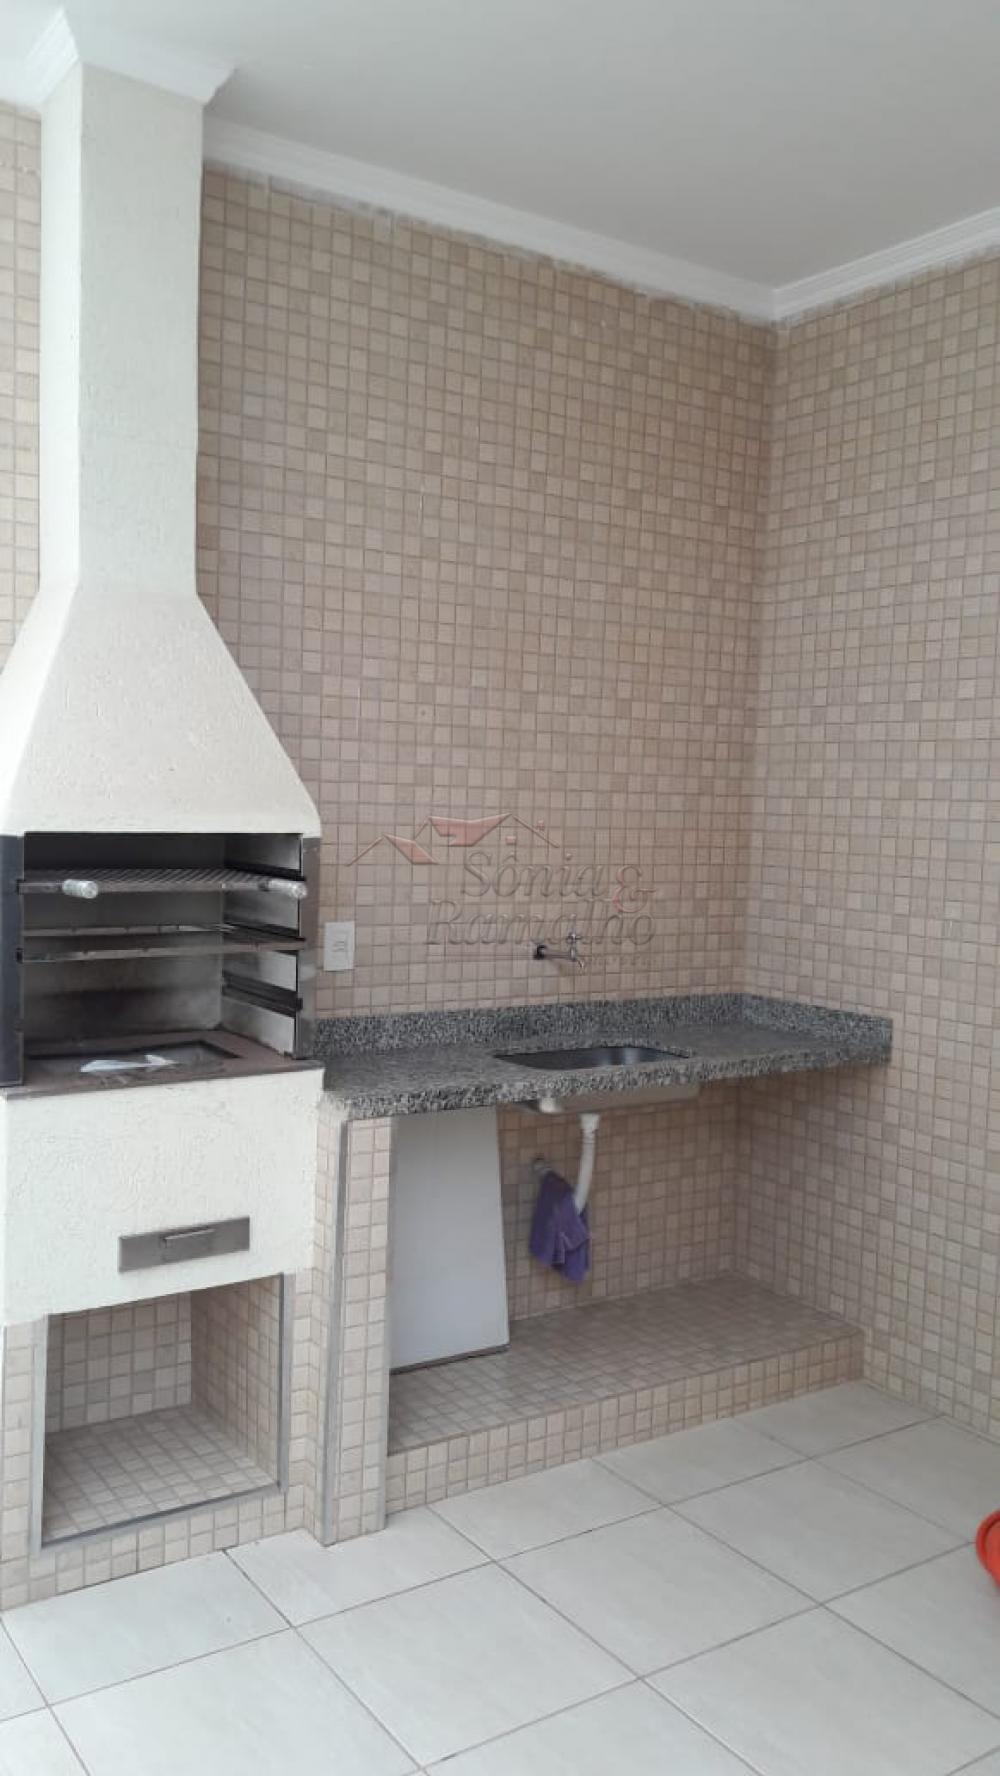 Comprar Casas / Padrão em Ribeirão Preto apenas R$ 290.000,00 - Foto 20